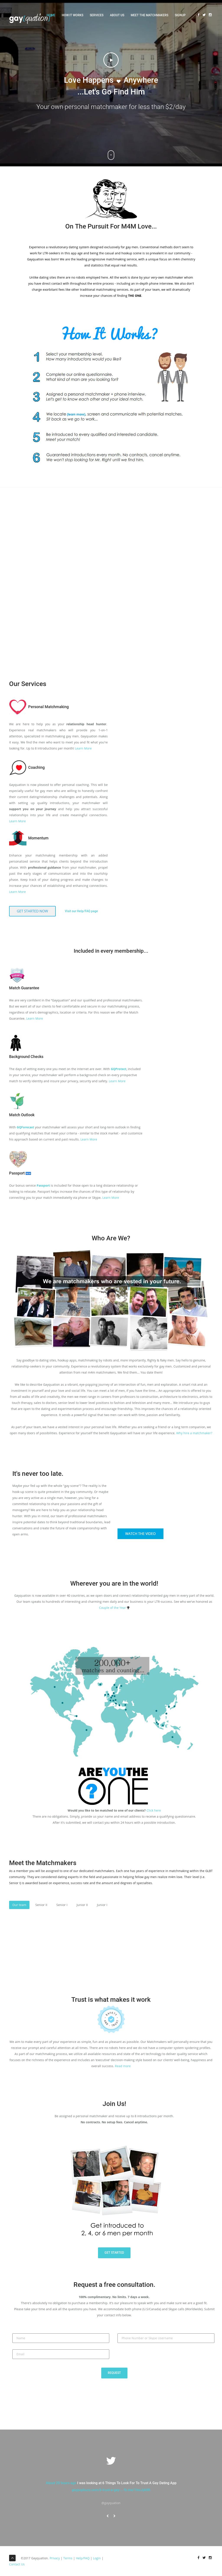 beste homofil dating app Canada er Brian Dales og Chelsea Staub fortsatt dating